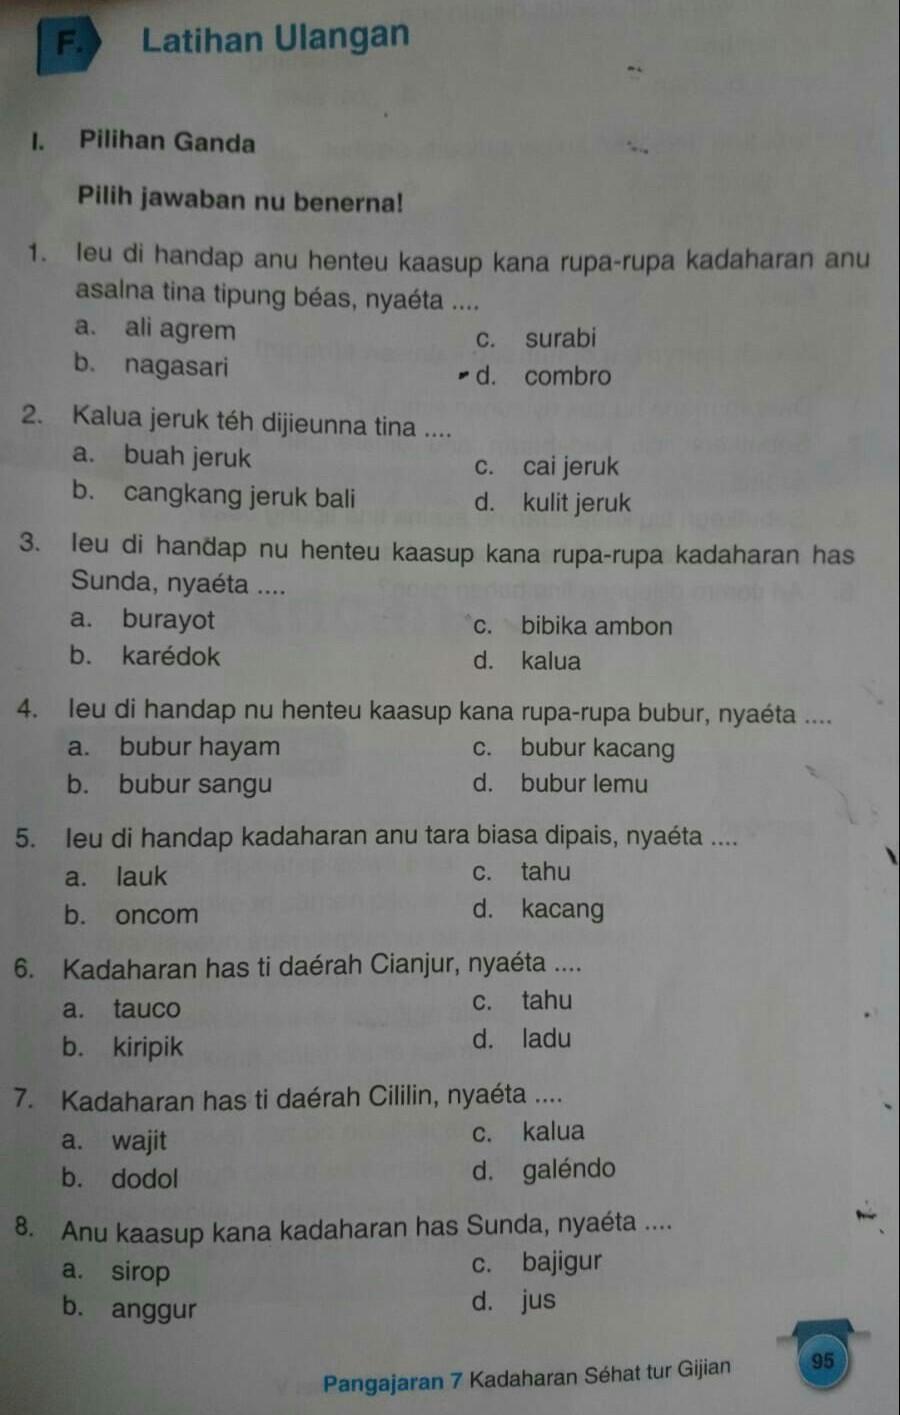 Download soal ukk kelas 2 semester 2 pat sesuai dengan kurikulum 2013 pada tema 5 sampai tema 8. Kunci Jawaban Bahasa Sunda Kelas 5 Kurikulum 2013 Halaman 95bantuin Tugas Adek Saya Brainly Co Id